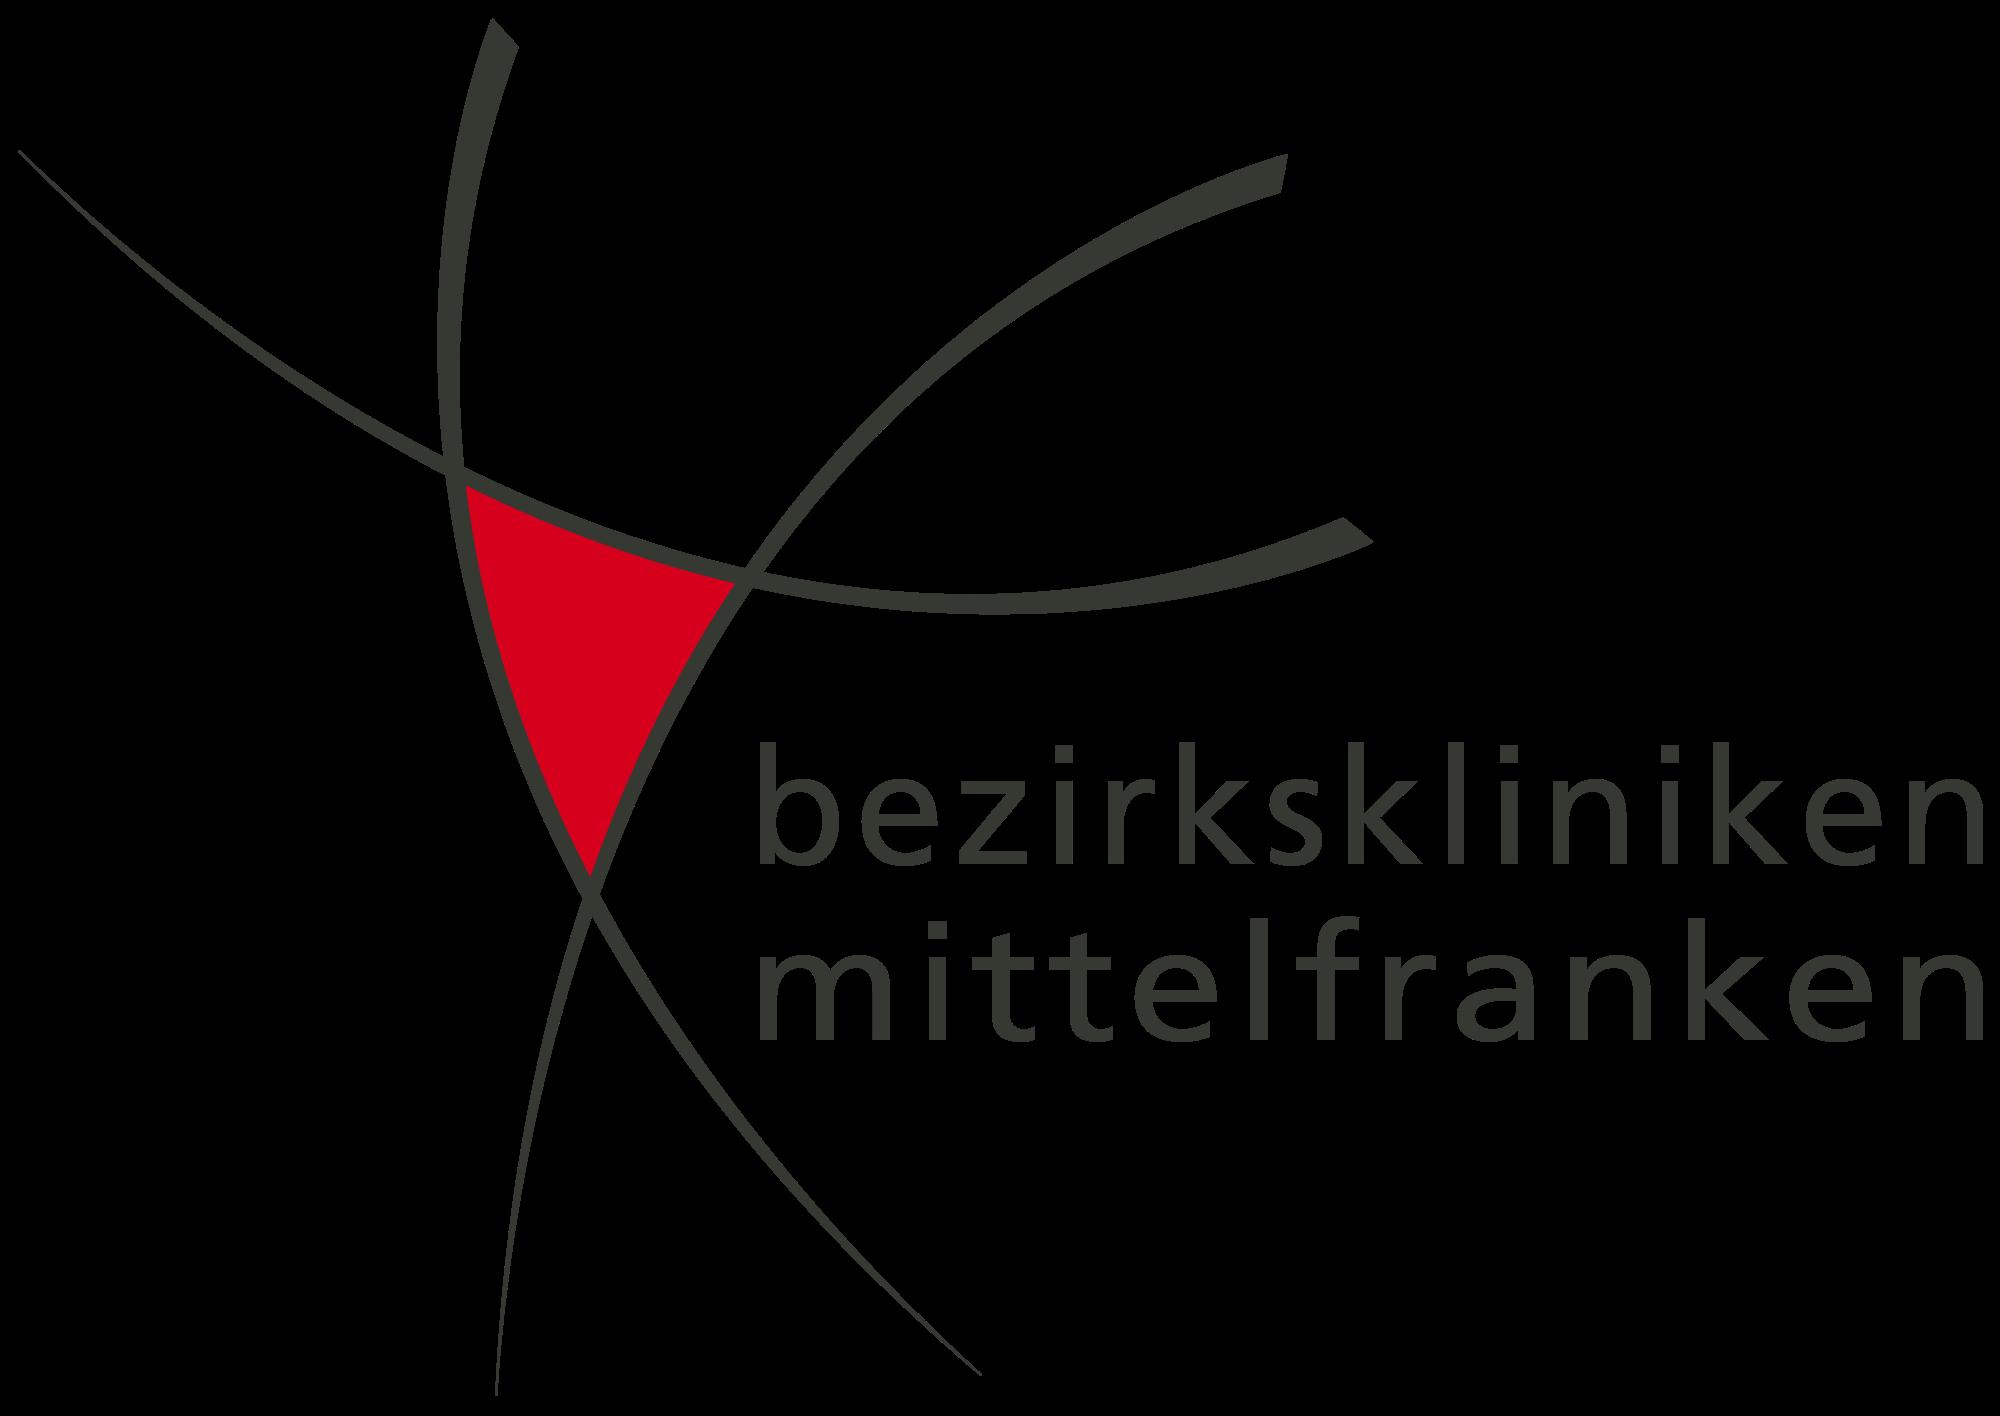 Bezirkskliniken_Mittelfranken_Logo